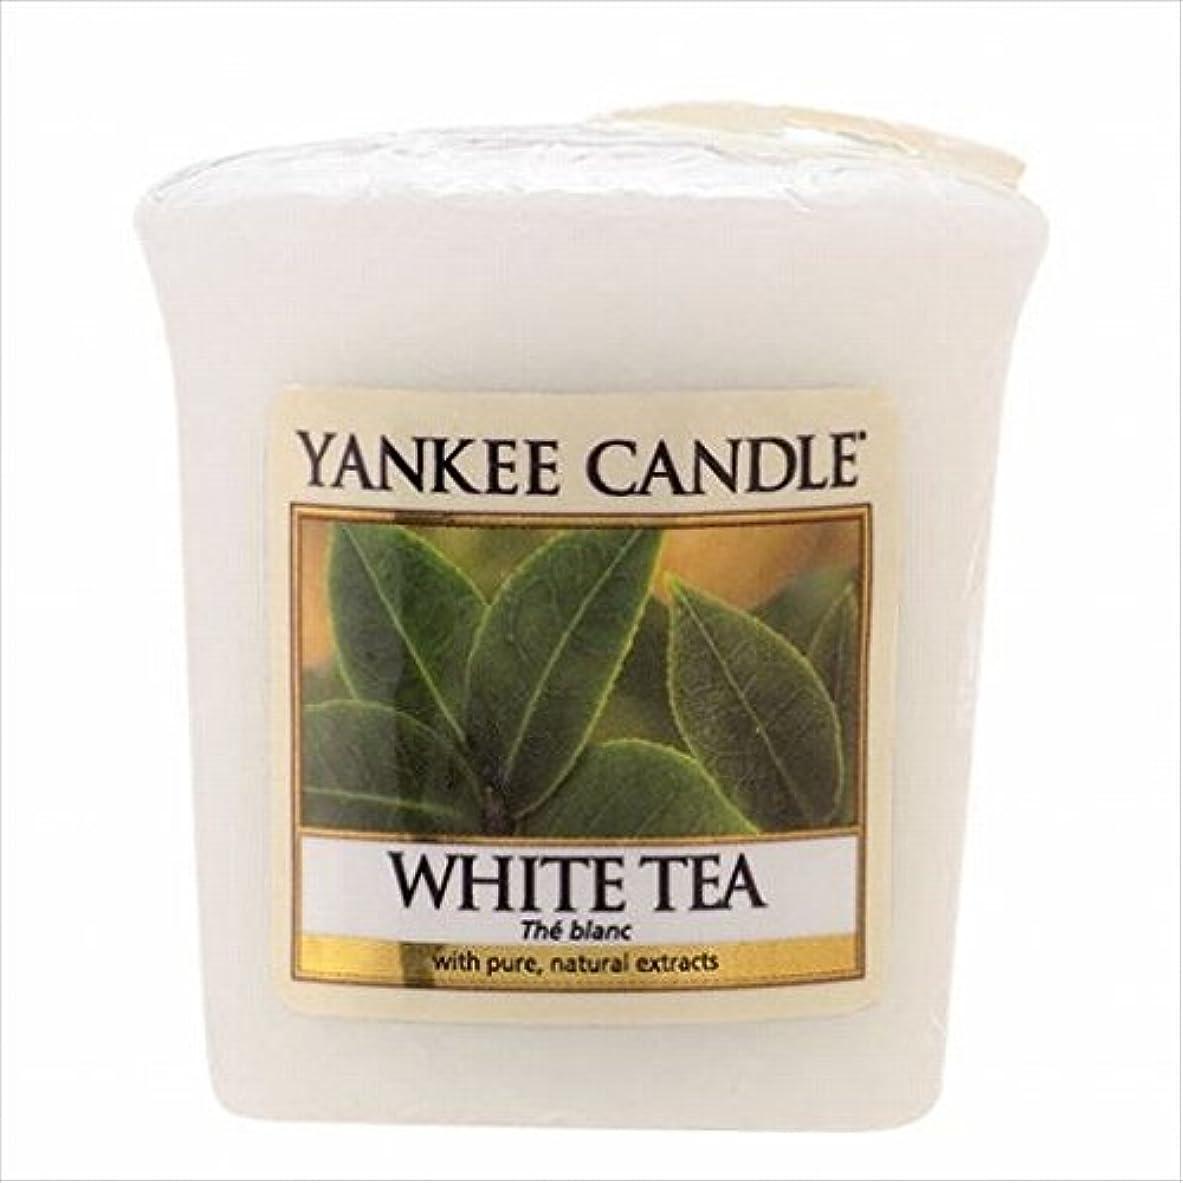 創始者グローバルボーダーYANKEE CANDLE(ヤンキーキャンドル) YANKEE CANDLE サンプラー 「 ホワイトティー 」6個セット(K00105277)